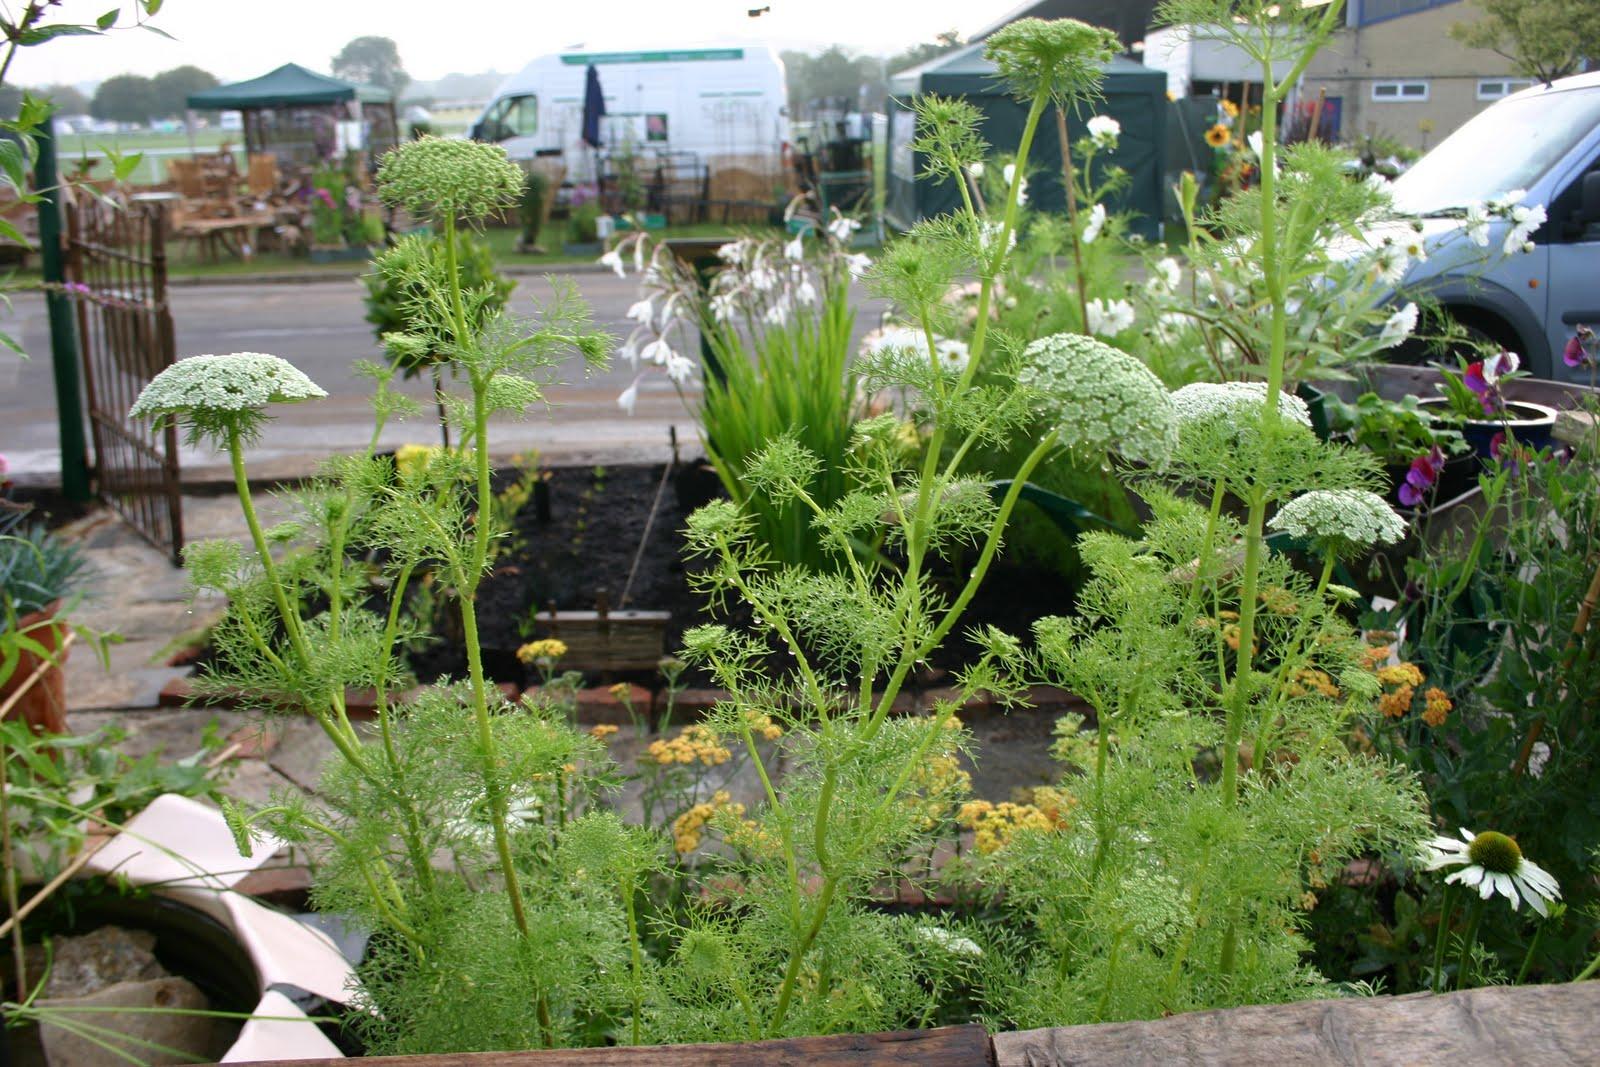 Backyard Flower Farmer : medal winning garden (ahem!)  Common Farm Flowers  The Flower Farmer